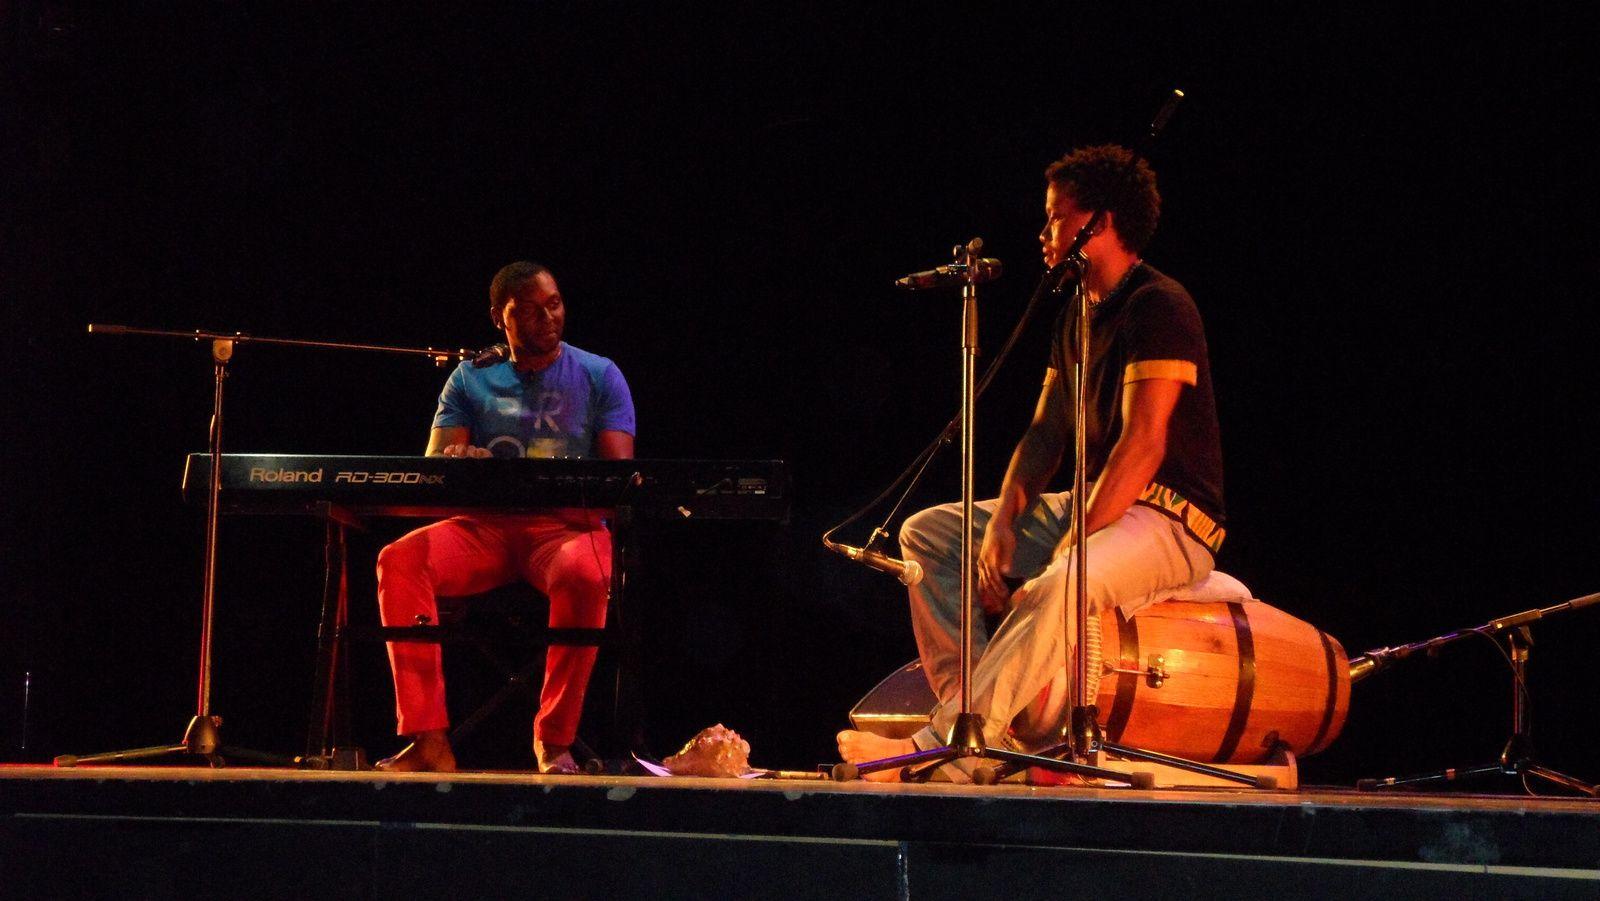 Après le spectacle , Hervé Celcal a offert un petit concert tiré de son dernier album